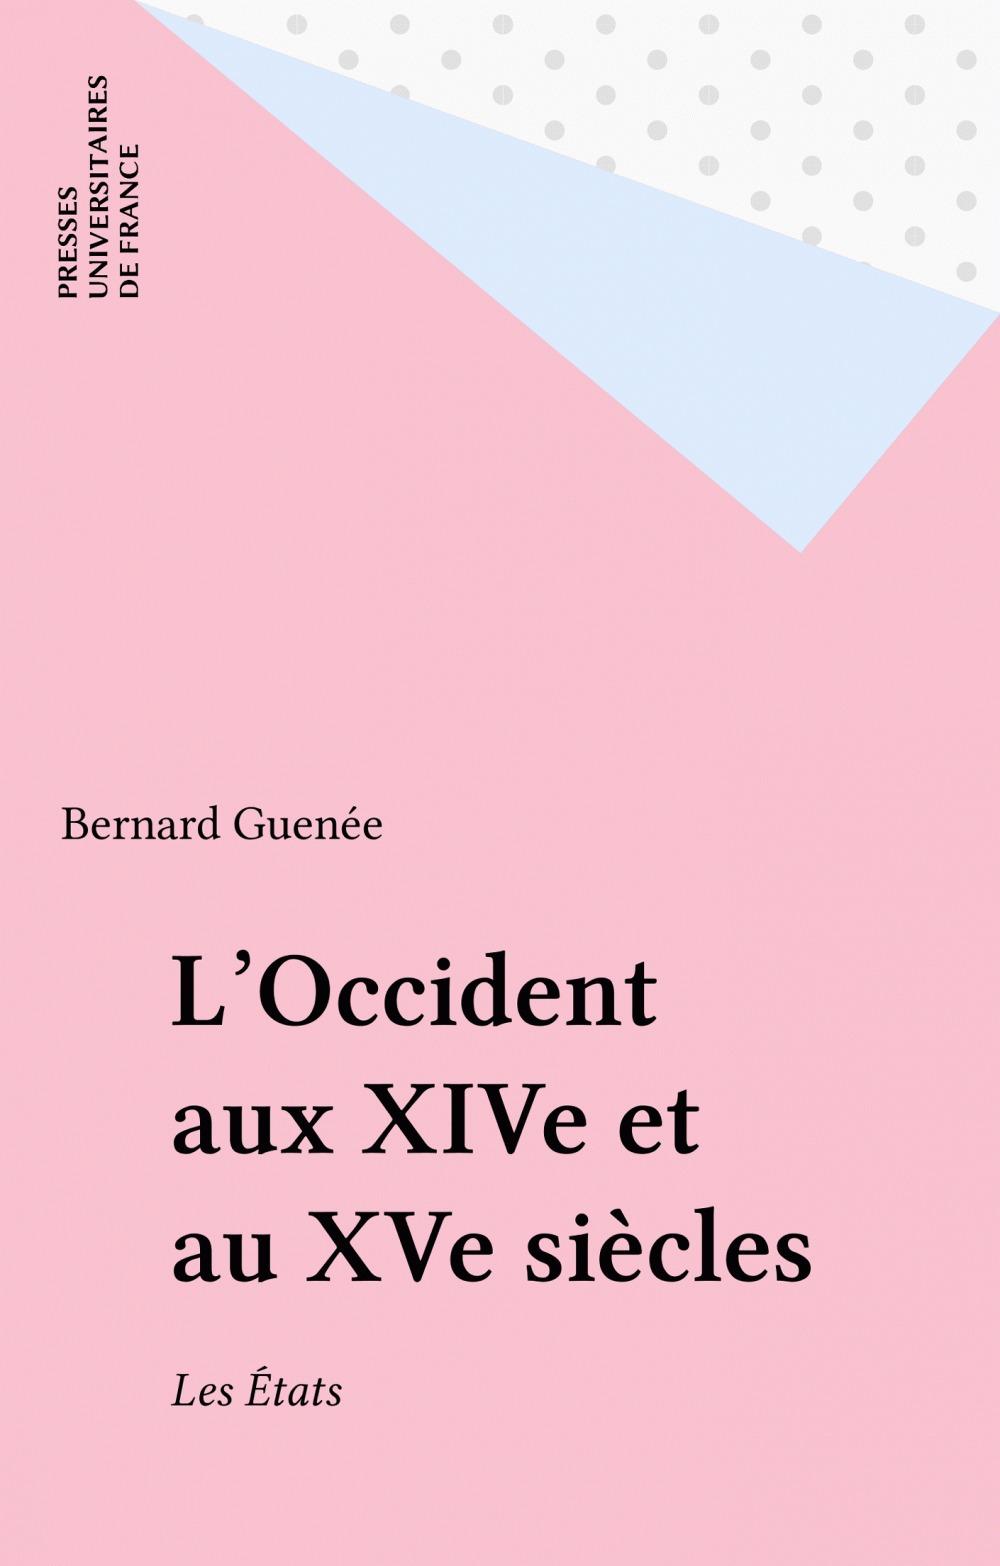 L'occident aux XIVe et XVe siècles ; les états (6e édition)